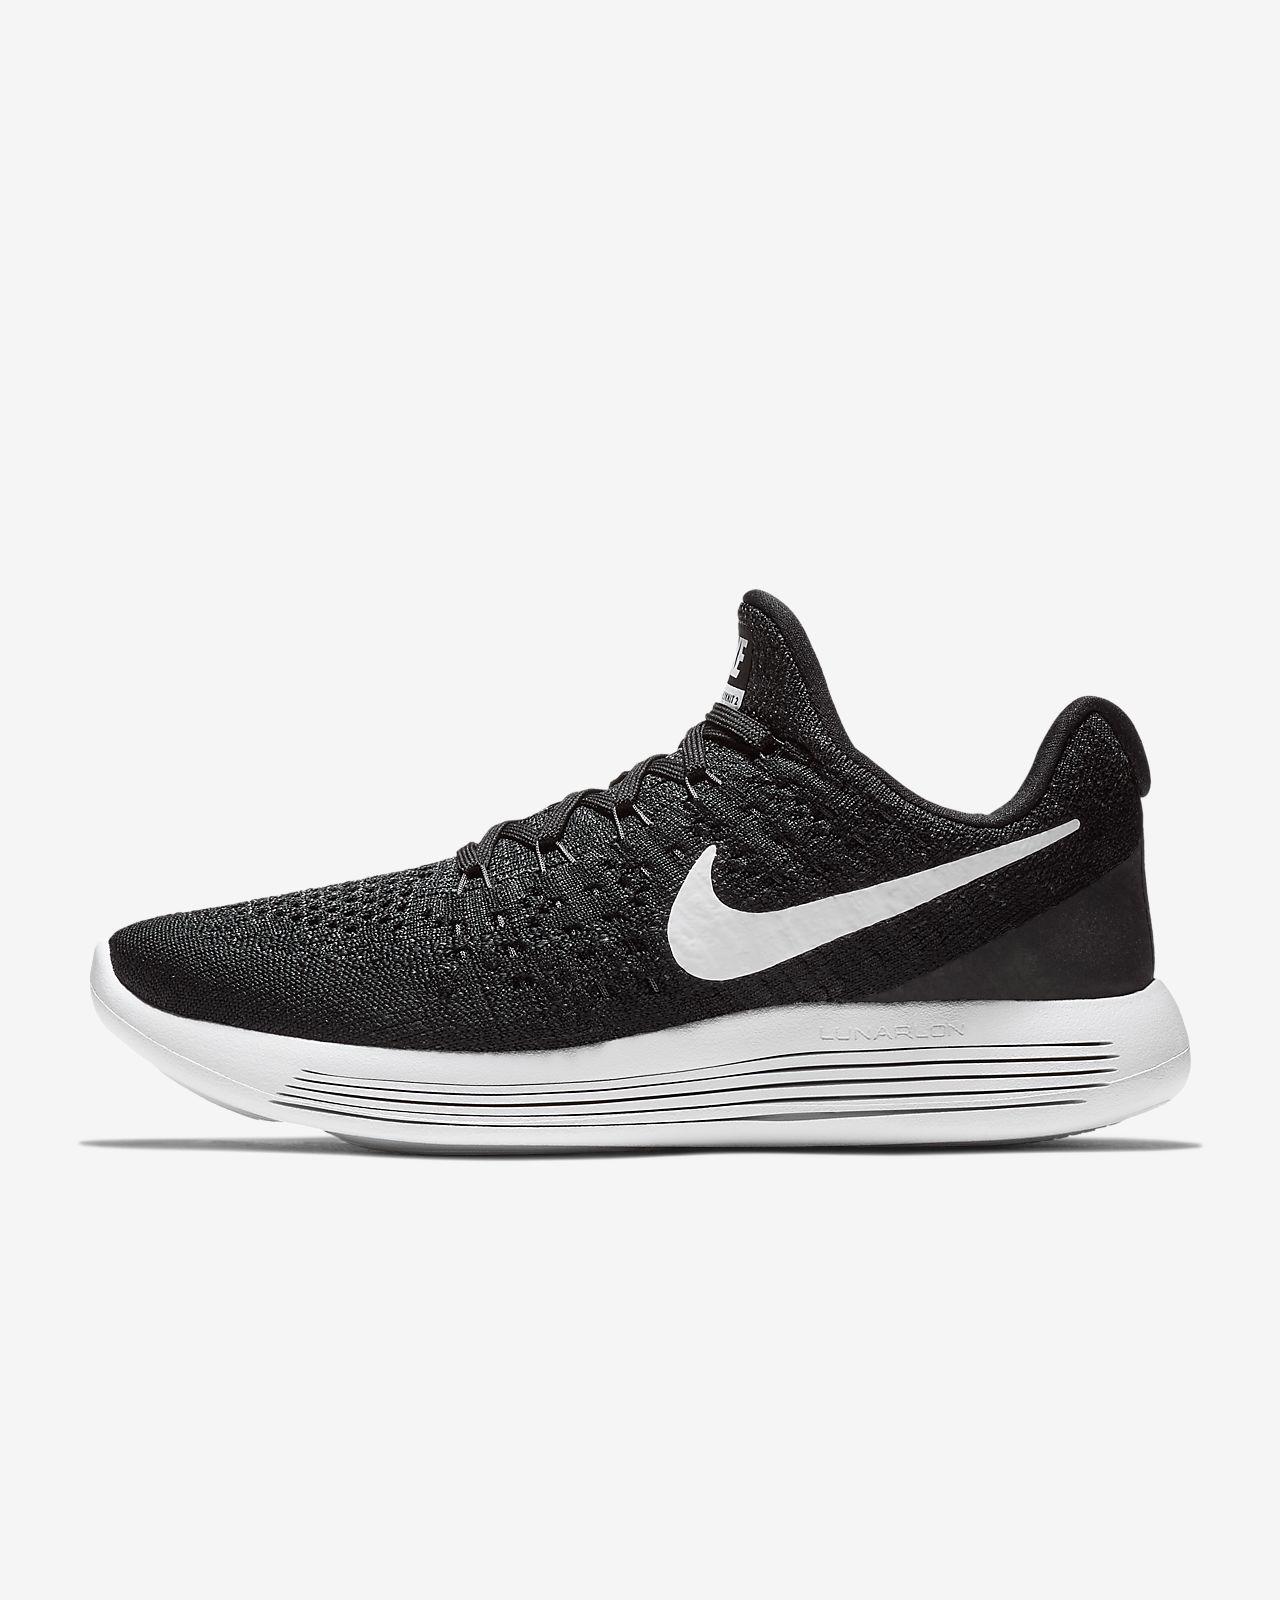 3127d57c29 Nike LunarEpic Low Flyknit 2 Women's Running Shoe. Nike.com CH